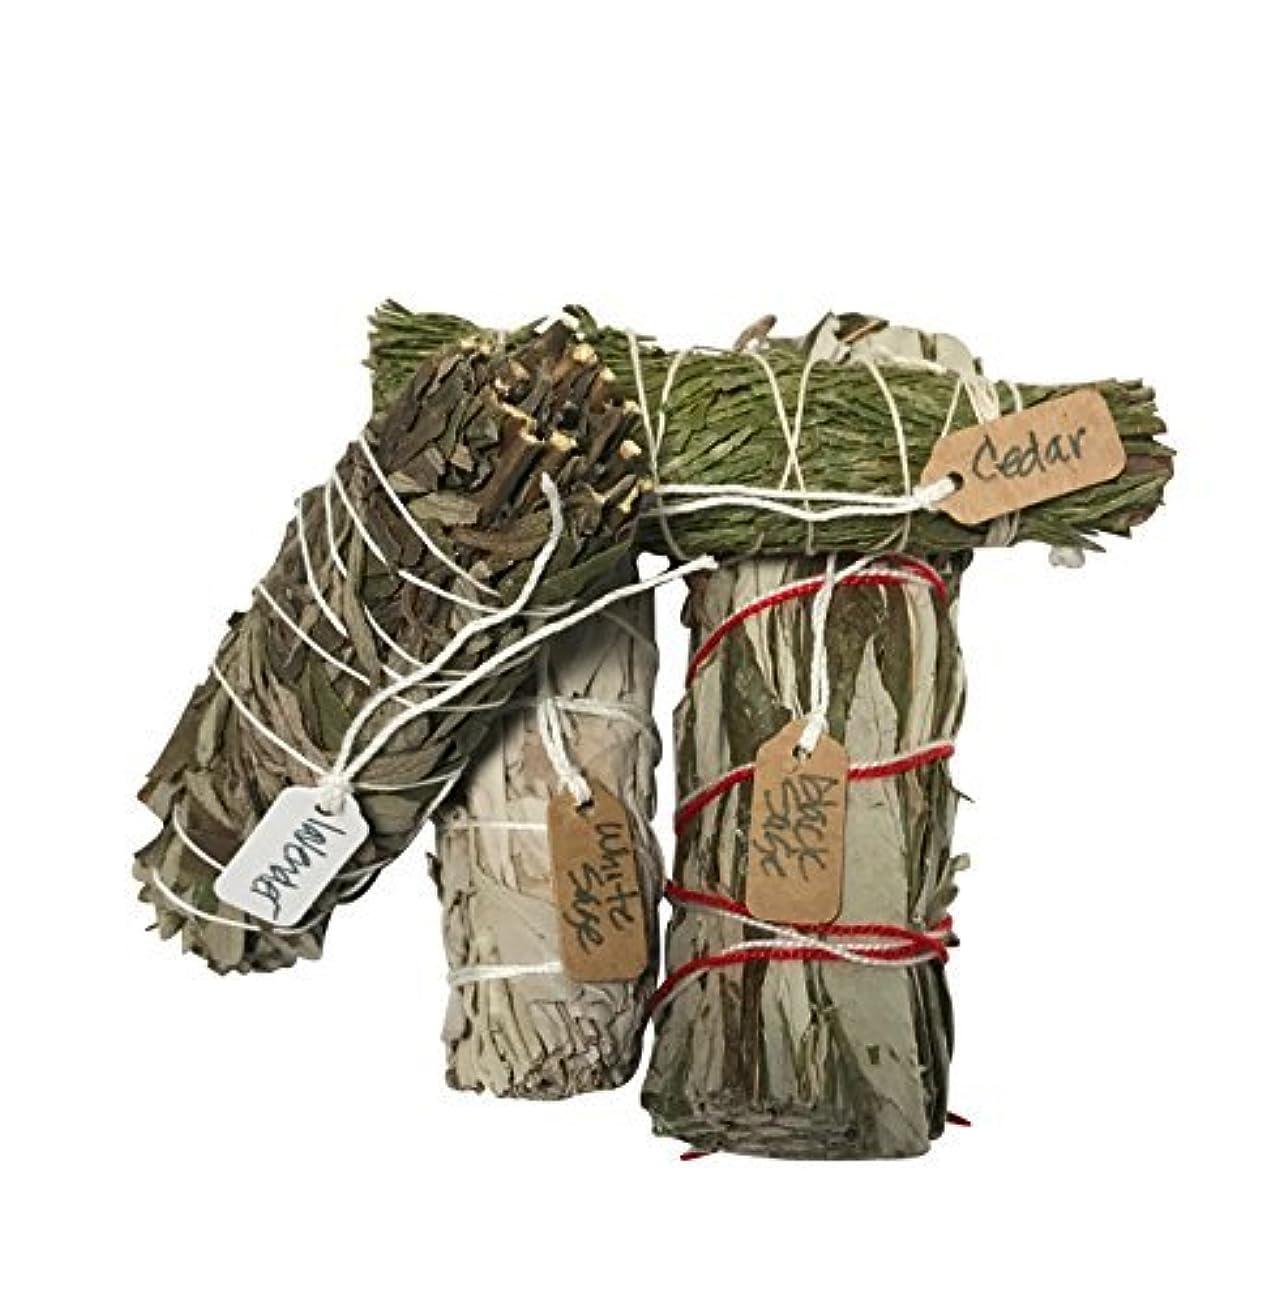 疫病殉教者楕円形さまざまなSmudge Sticksサンプル最高級のための機会ホワイトセージ、ラベンダー、杉、ブラックセージ1つの各4 Inches Long。